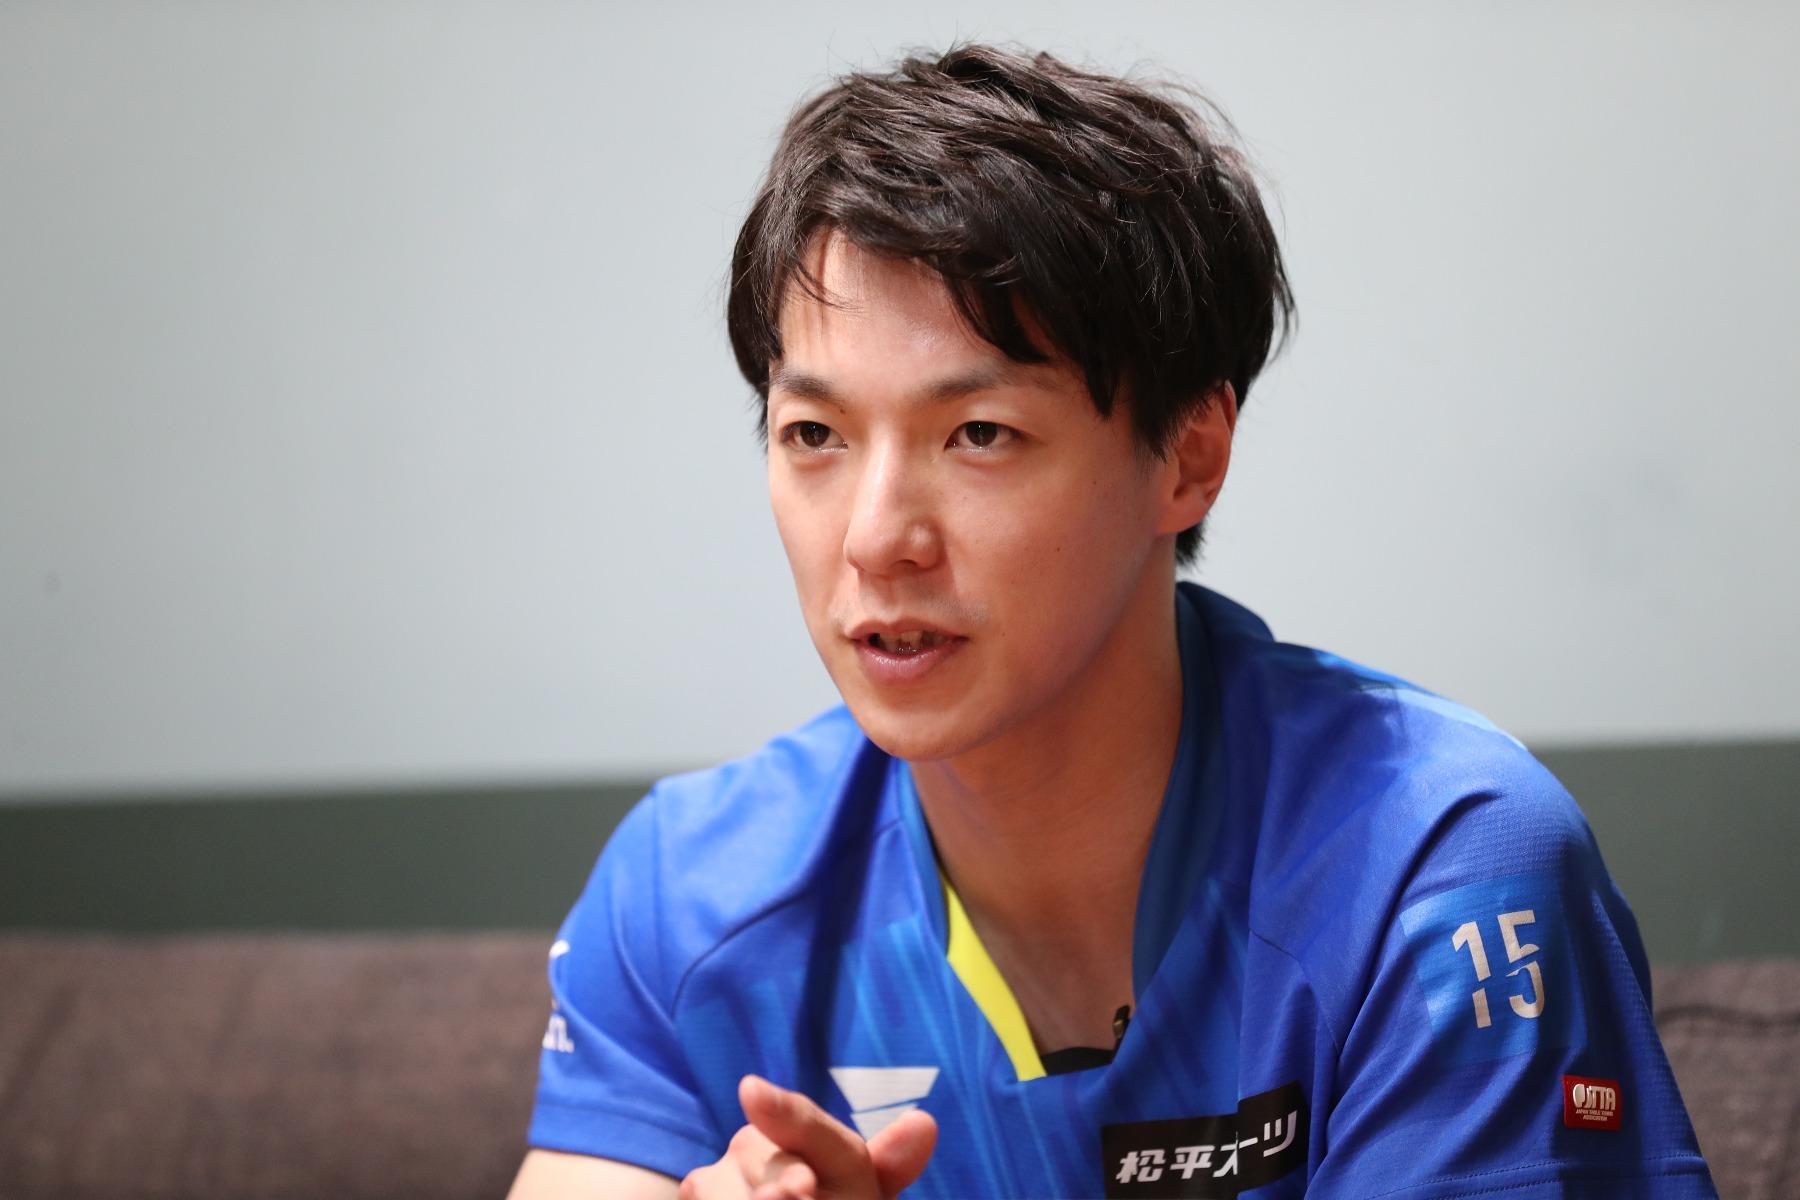 """""""卓球界を盛り上げて自分も強くなる""""松平賢二30歳、辿り着いたシンプルな答え 卓球 VICTAS JOURNAL インタビュー"""